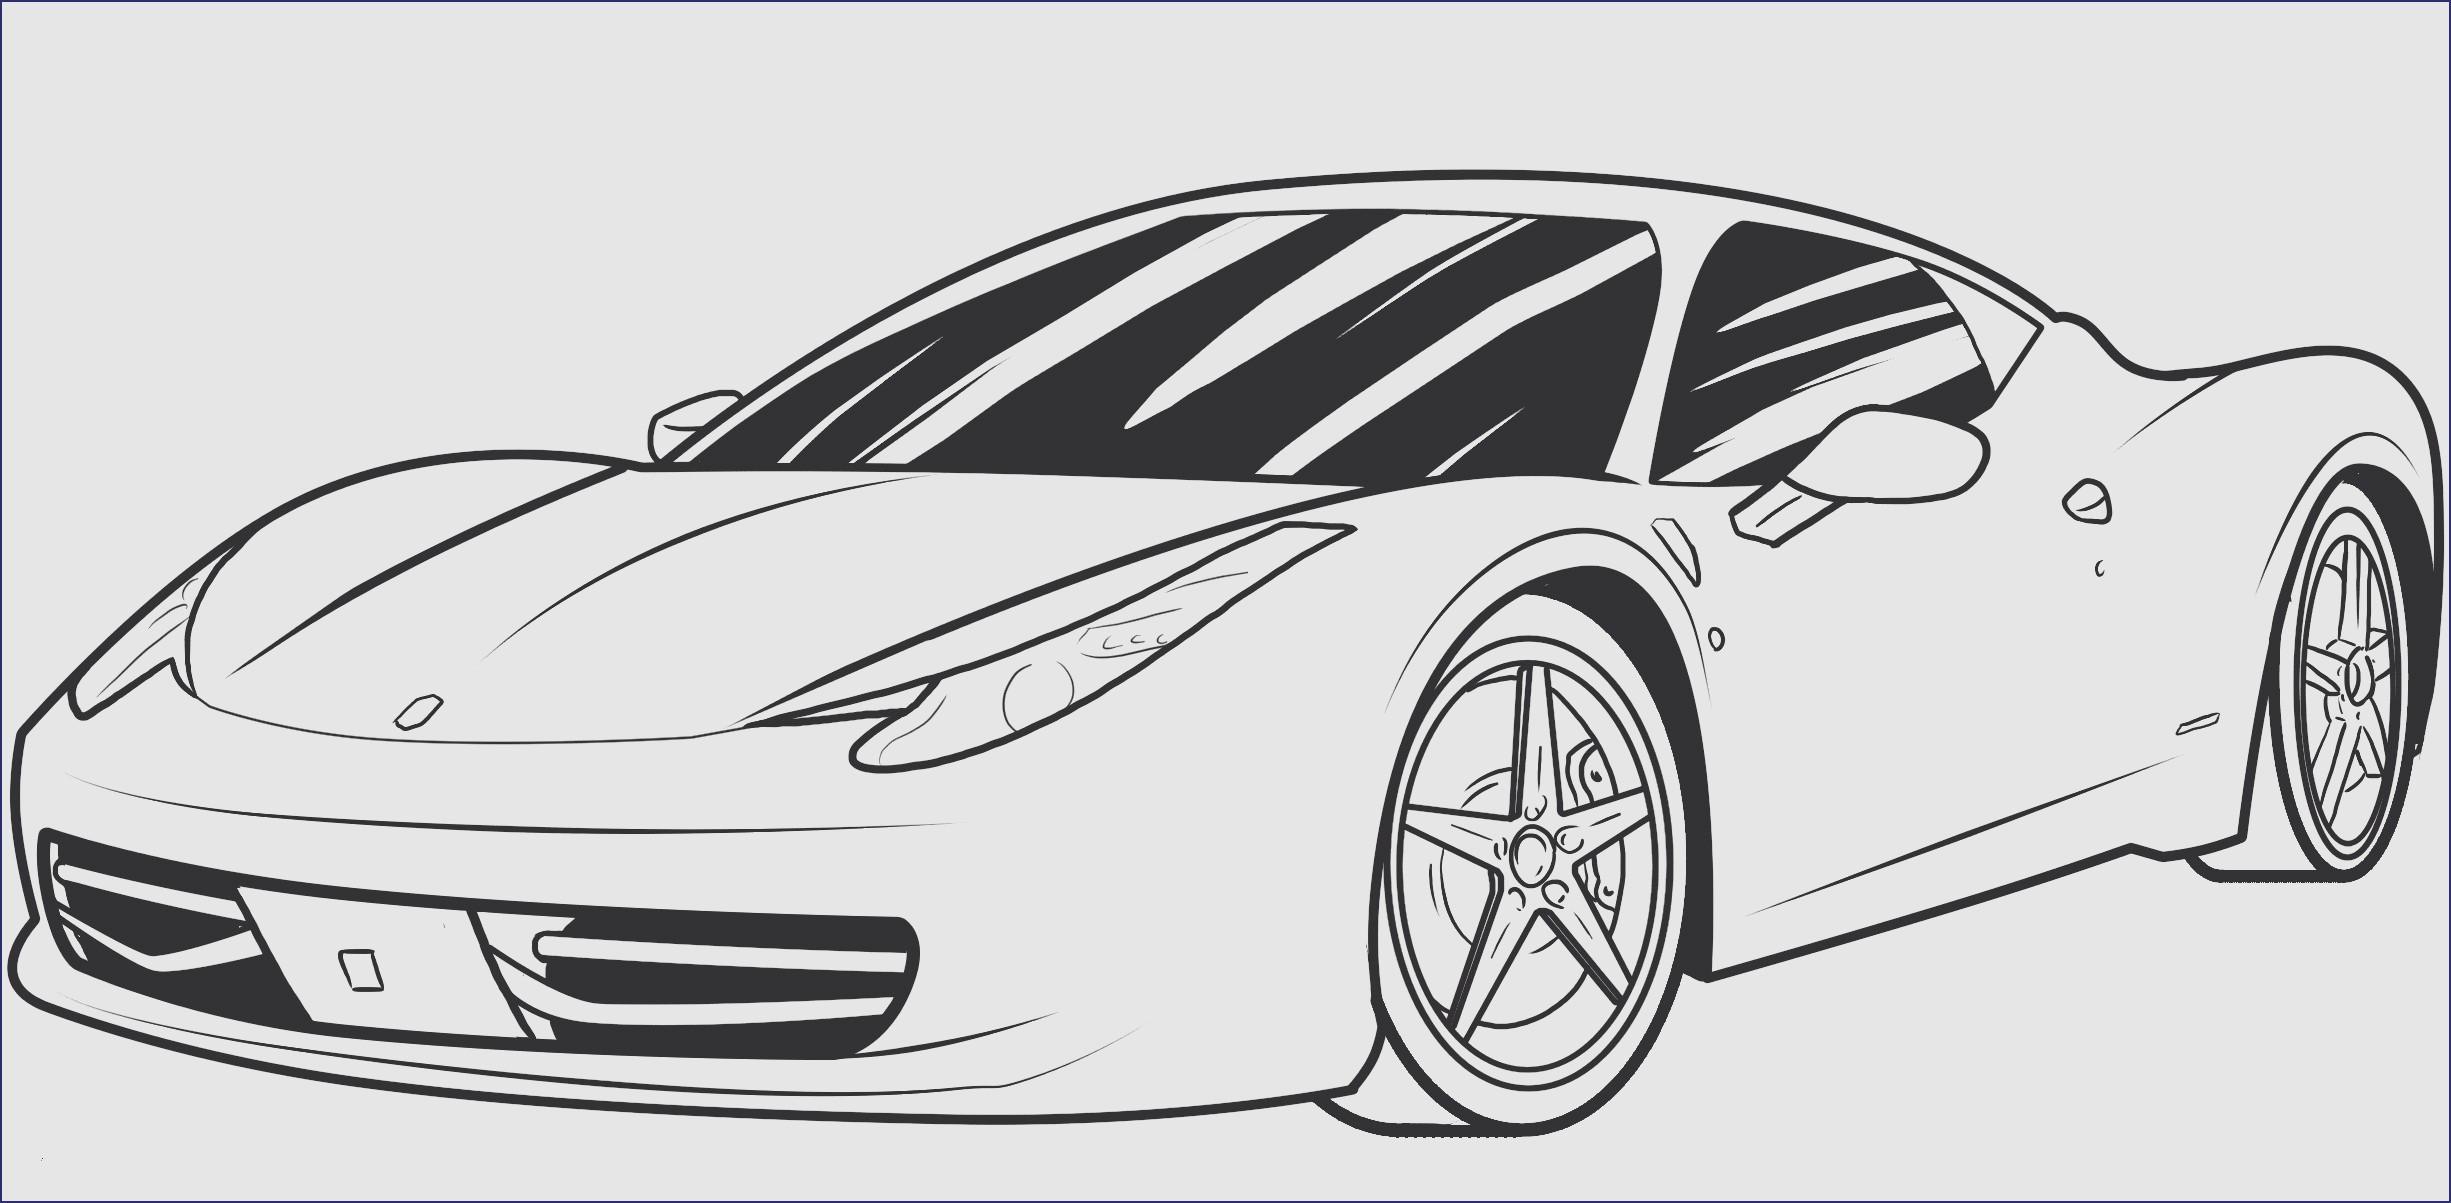 Ferrari Zum Ausmalen Einzigartig Ausmalbild Auto Eine Sammlung Von Färbung Bilder Ferrari F40 Neu Bild